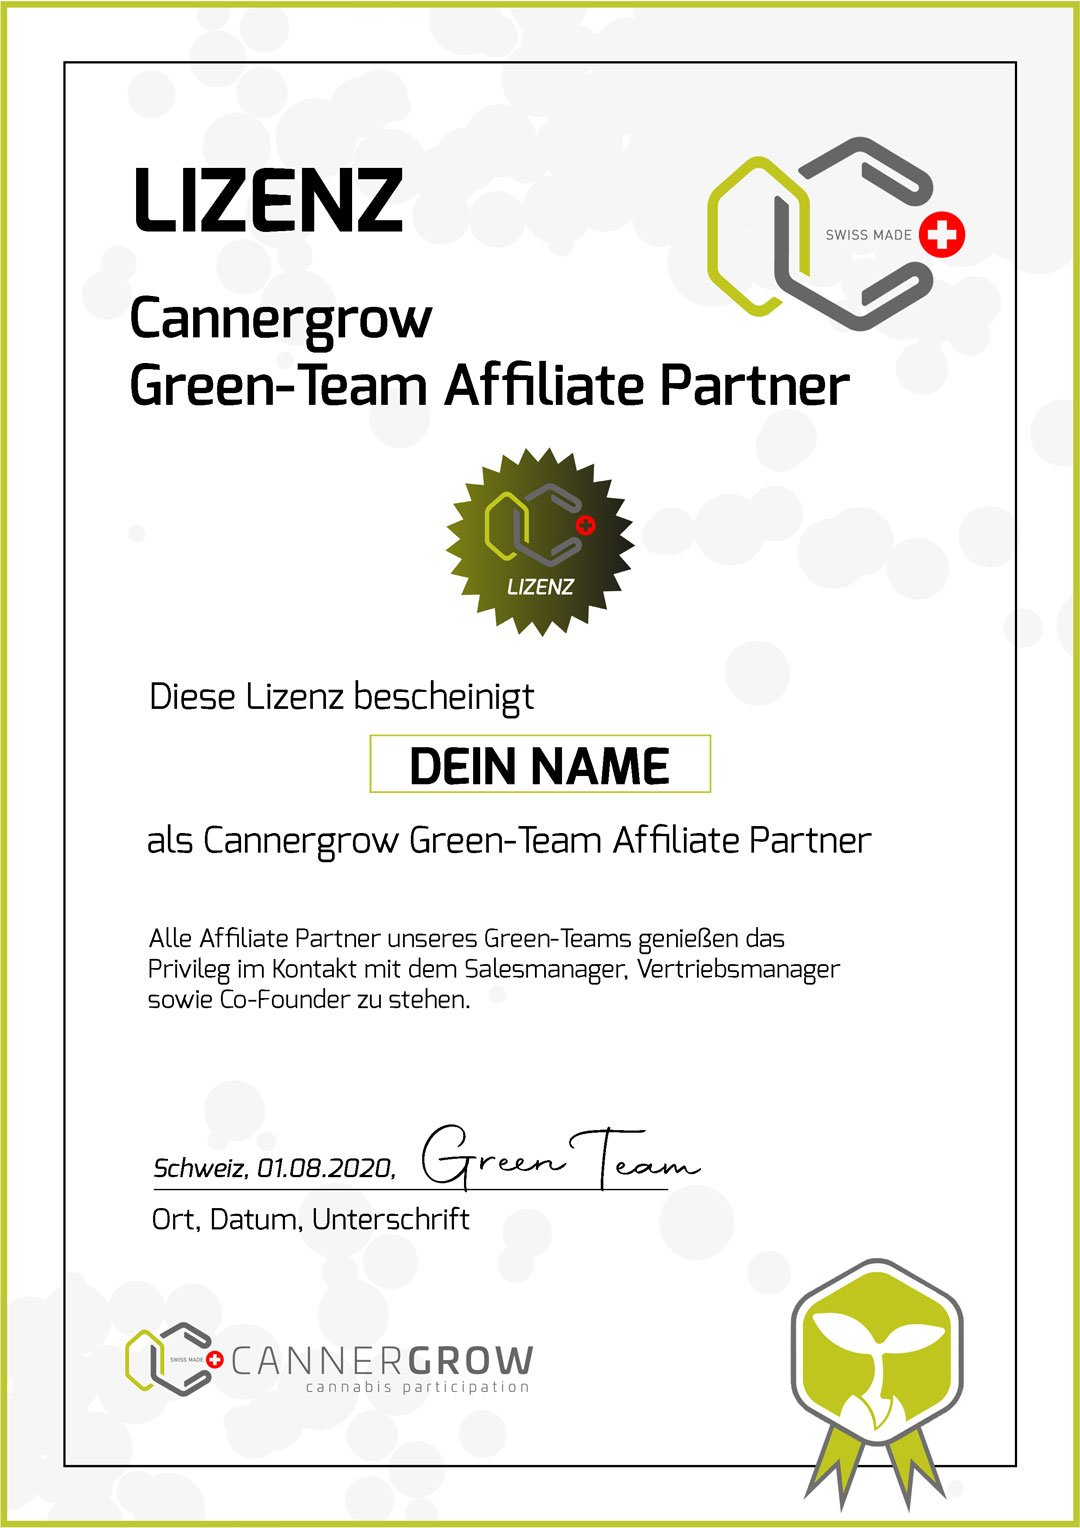 Cannergrow Green Team Lizenz in 2D